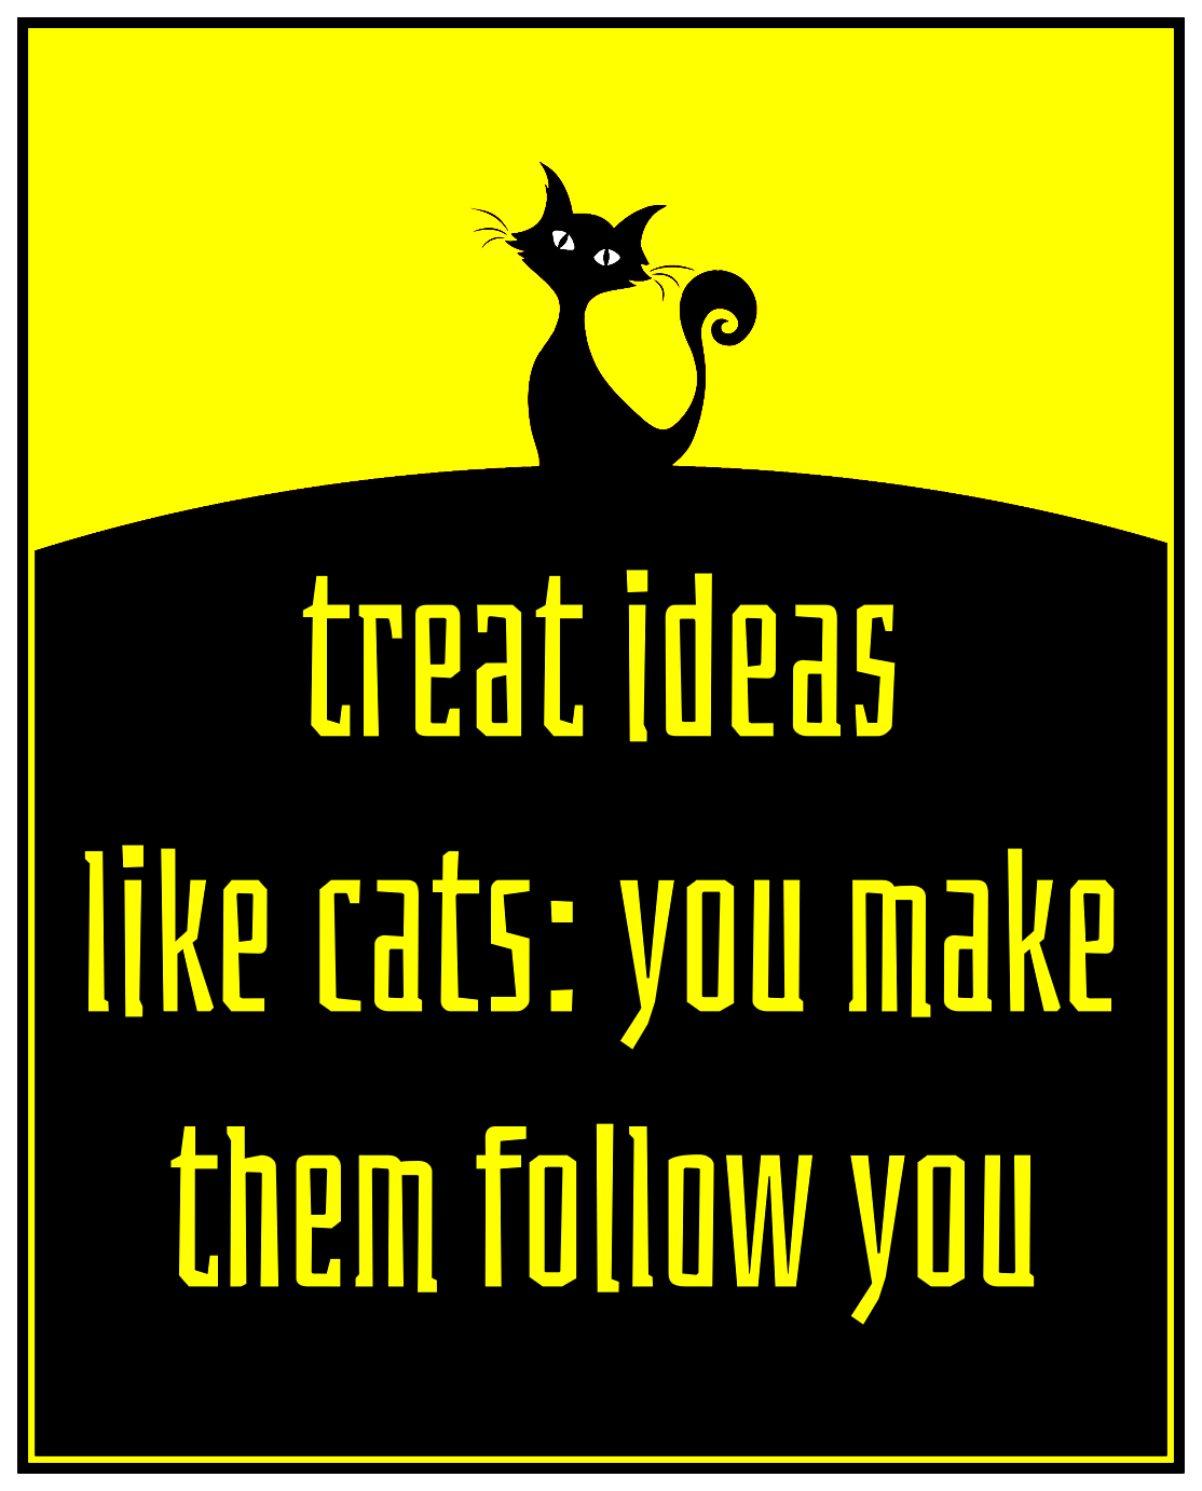 bekitschig.blog Quote treat ideas like cats Ray Bradbury